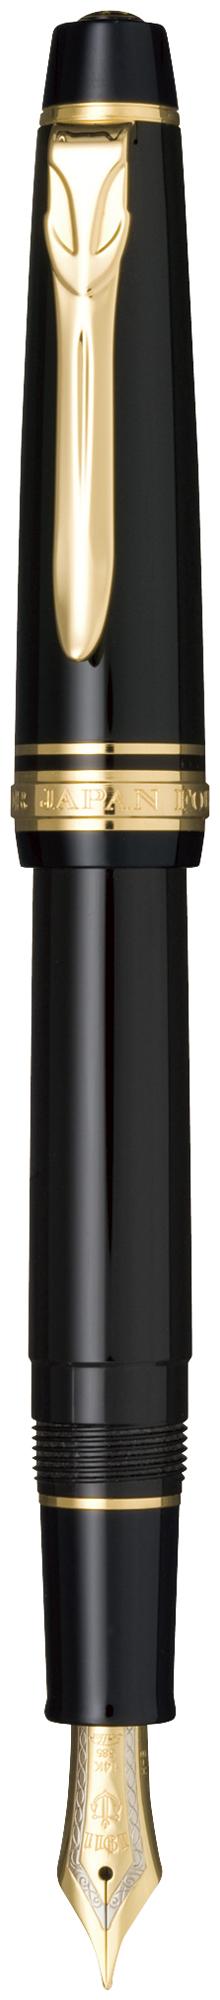 セーラー万年筆 プロフェッショナルギアΣ スリム 金 ブラック 太字 11-1517-620 プロギア シグマ チェック サイン 大き目の文字 太文字 細い 大人 クリップ 14金バイカラー 中型 24金メッキ